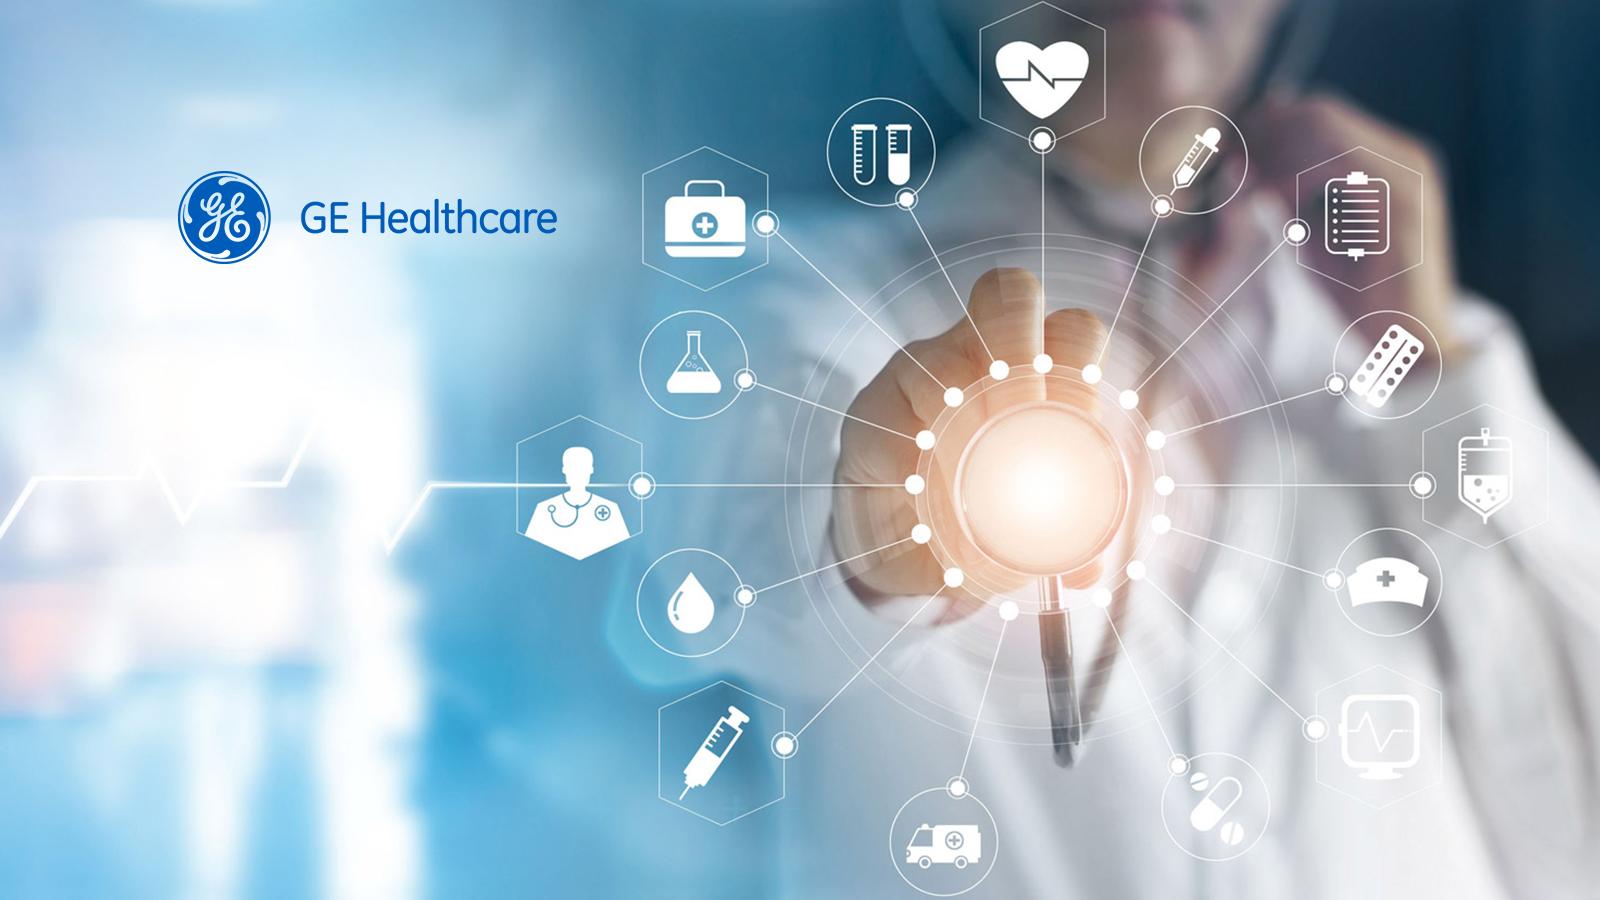 Τεχνολογία υγεία δεδομένα: Νέο μοντέλο για ταχύτερη ανάλυση των data